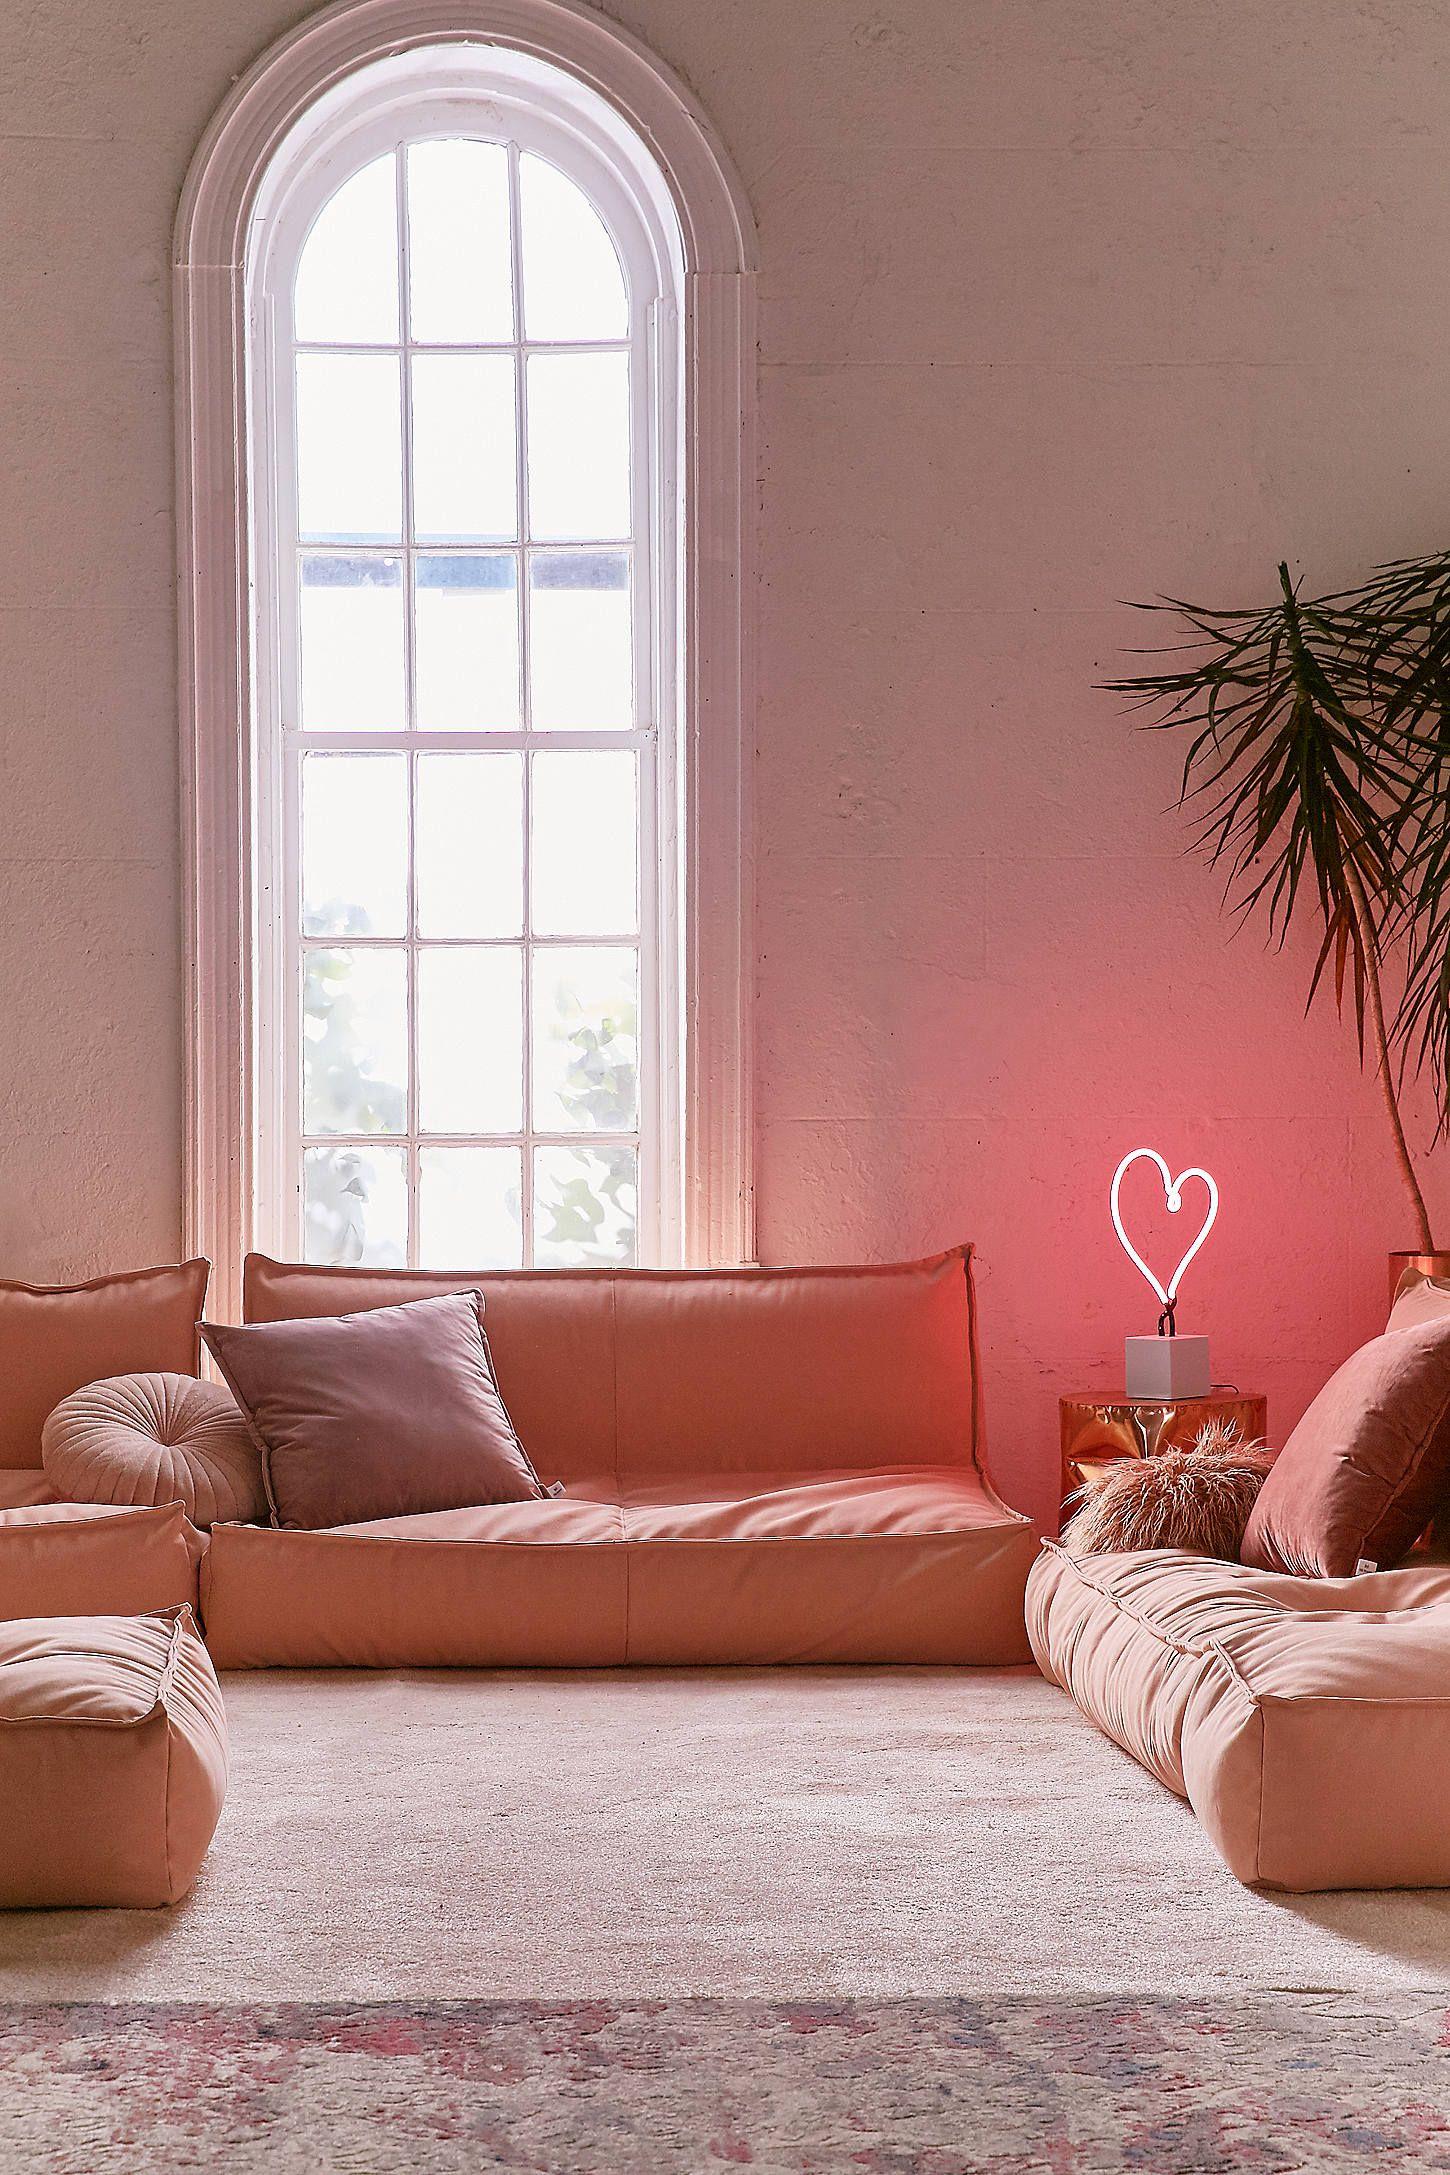 Astounding Lennon Loveseat Sofa Shelter Living Living Room Decor Ibusinesslaw Wood Chair Design Ideas Ibusinesslaworg